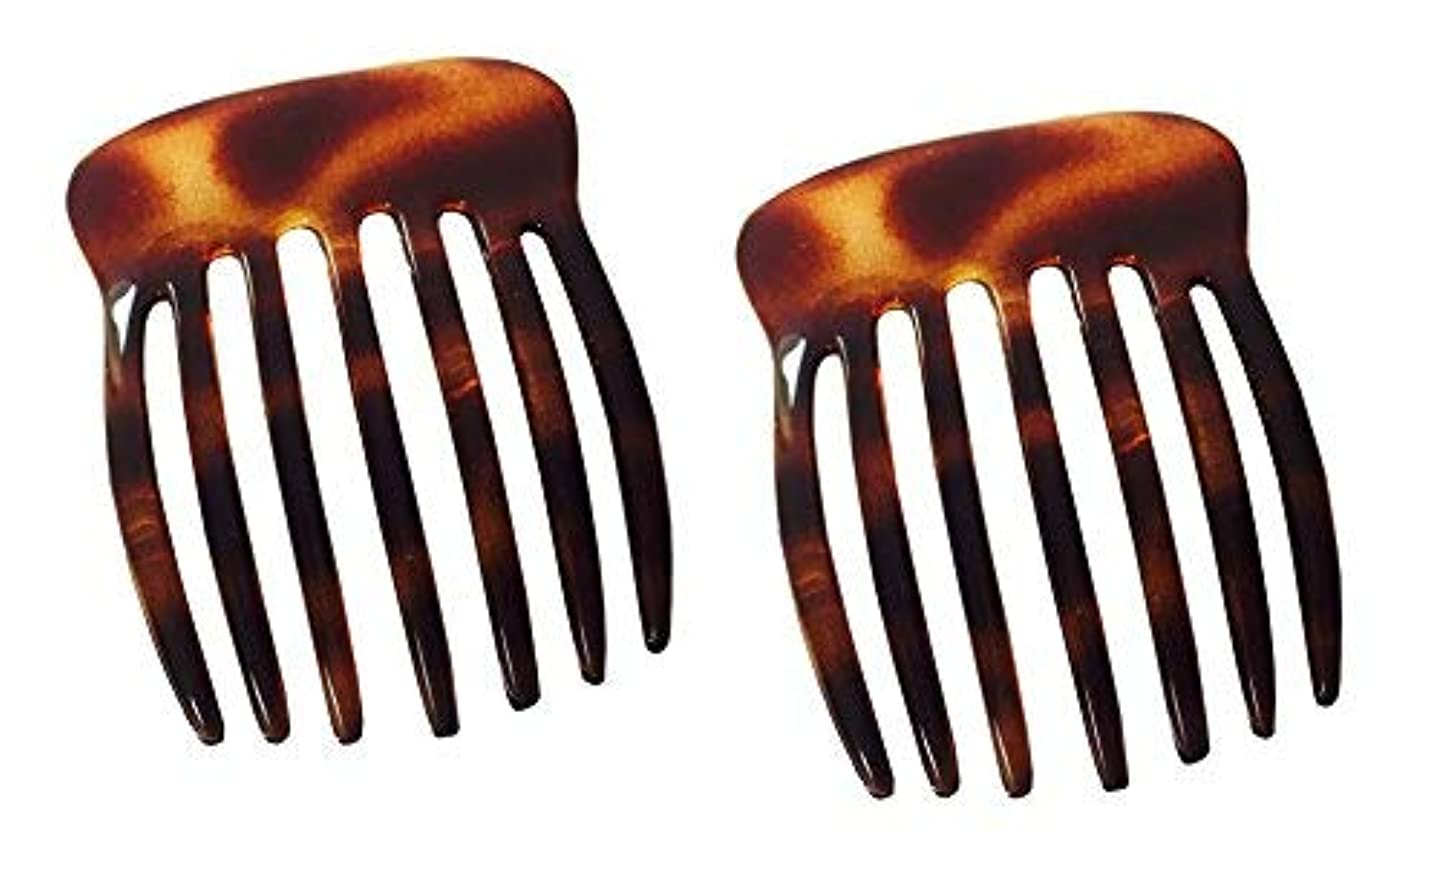 累計目立つ証言するParcelona French Fingers Seven Teeth Large 2 Pieces Celluloid Acetate Tortoise Shell Hair Side Hair Combs [並行輸入品]